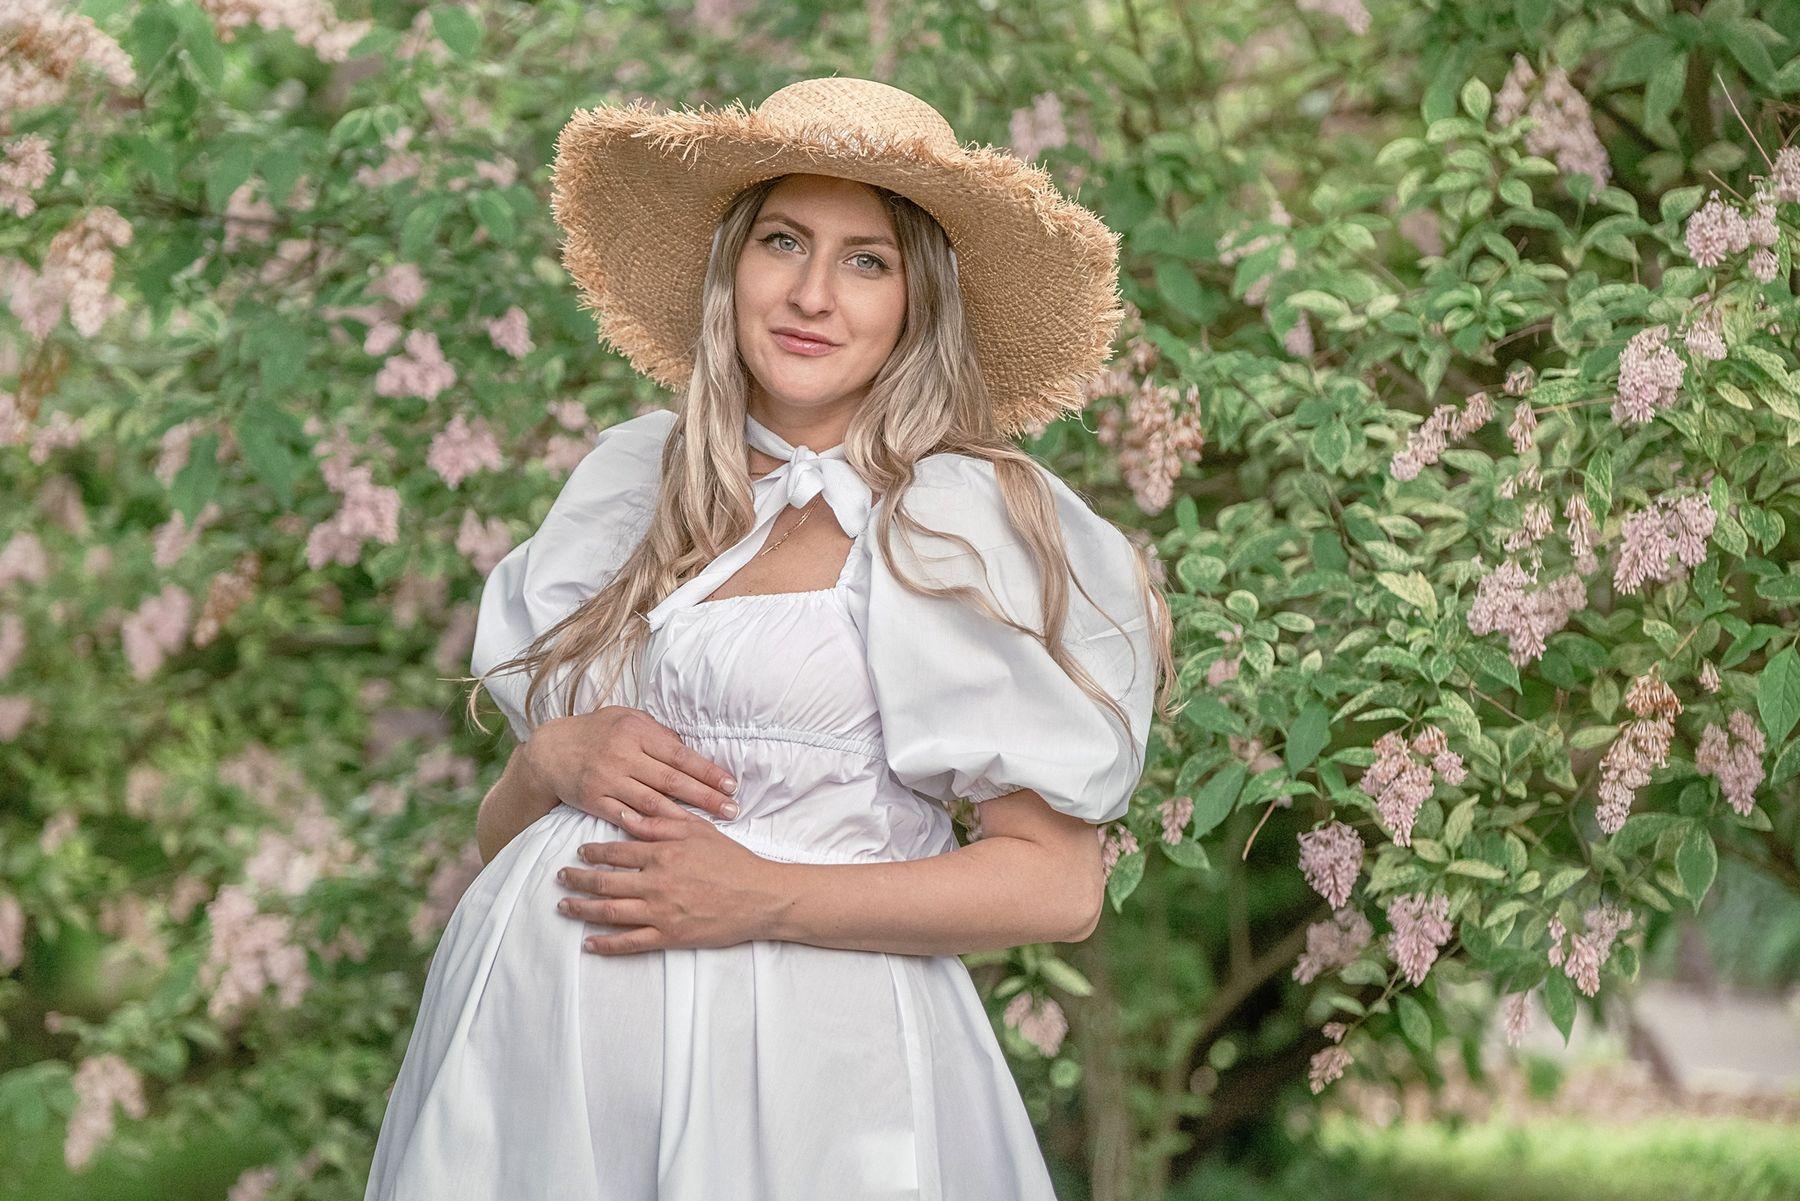 *** фотосессии в москве модель студия ретушь парки усадьбы москвы портрет дети свадьбы репортаж семейное фото